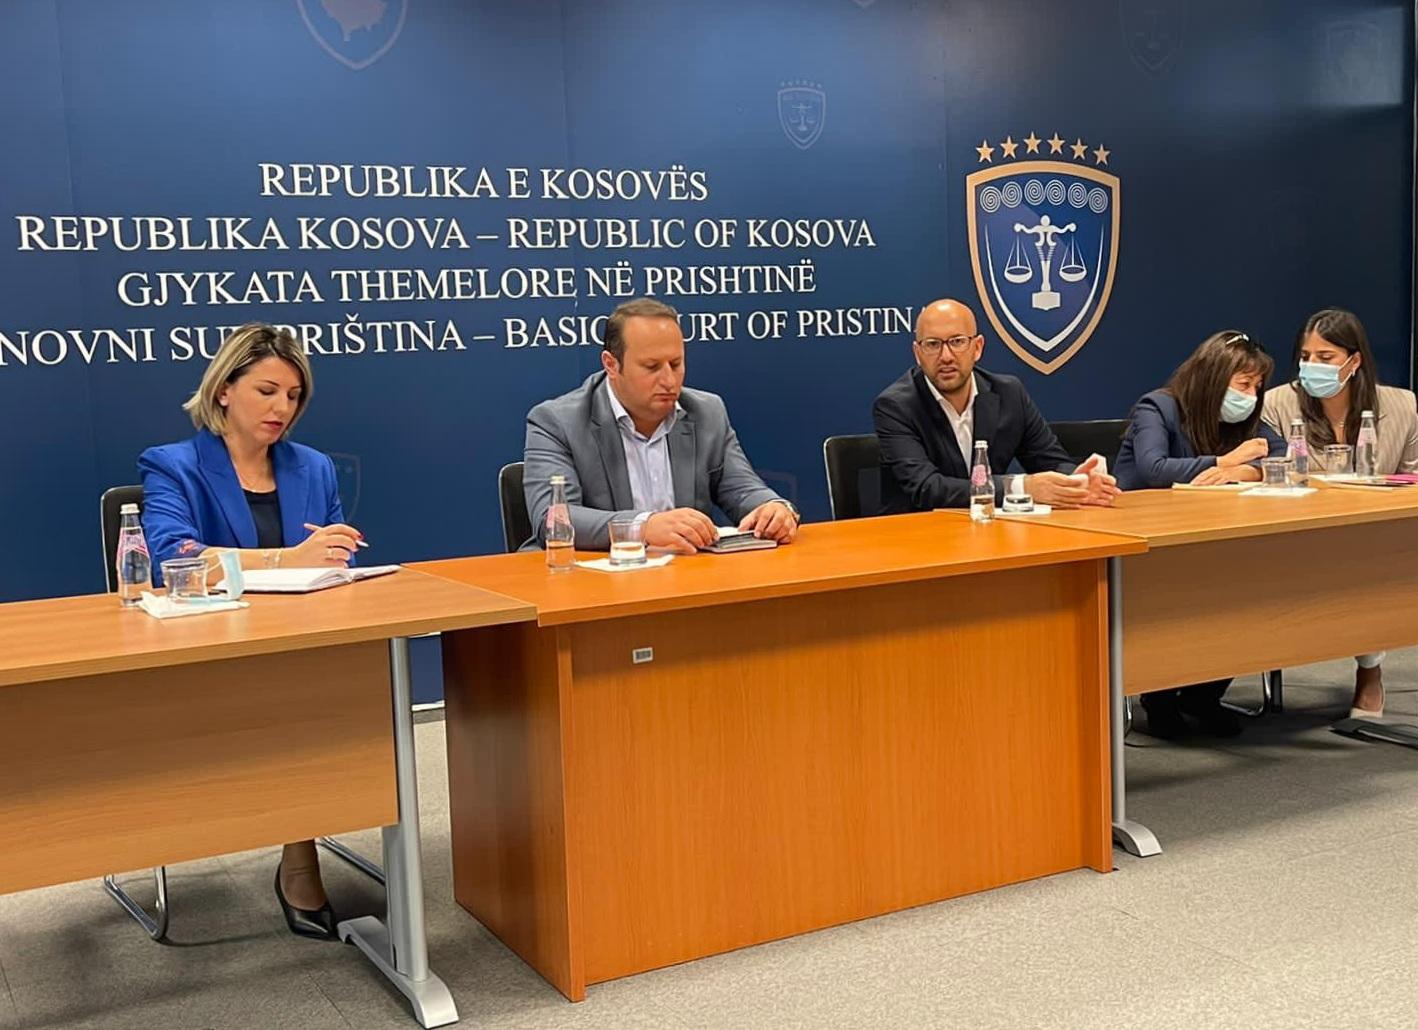 Kryetarja e Gjykatës Themelore në Prishtinë Albina Shabani Rama ka pritur në takim Kryesuesin e Këshillit Gjyqësor të Kosovës dhe përfaqësuesit e Projektit të Evidencës Penale